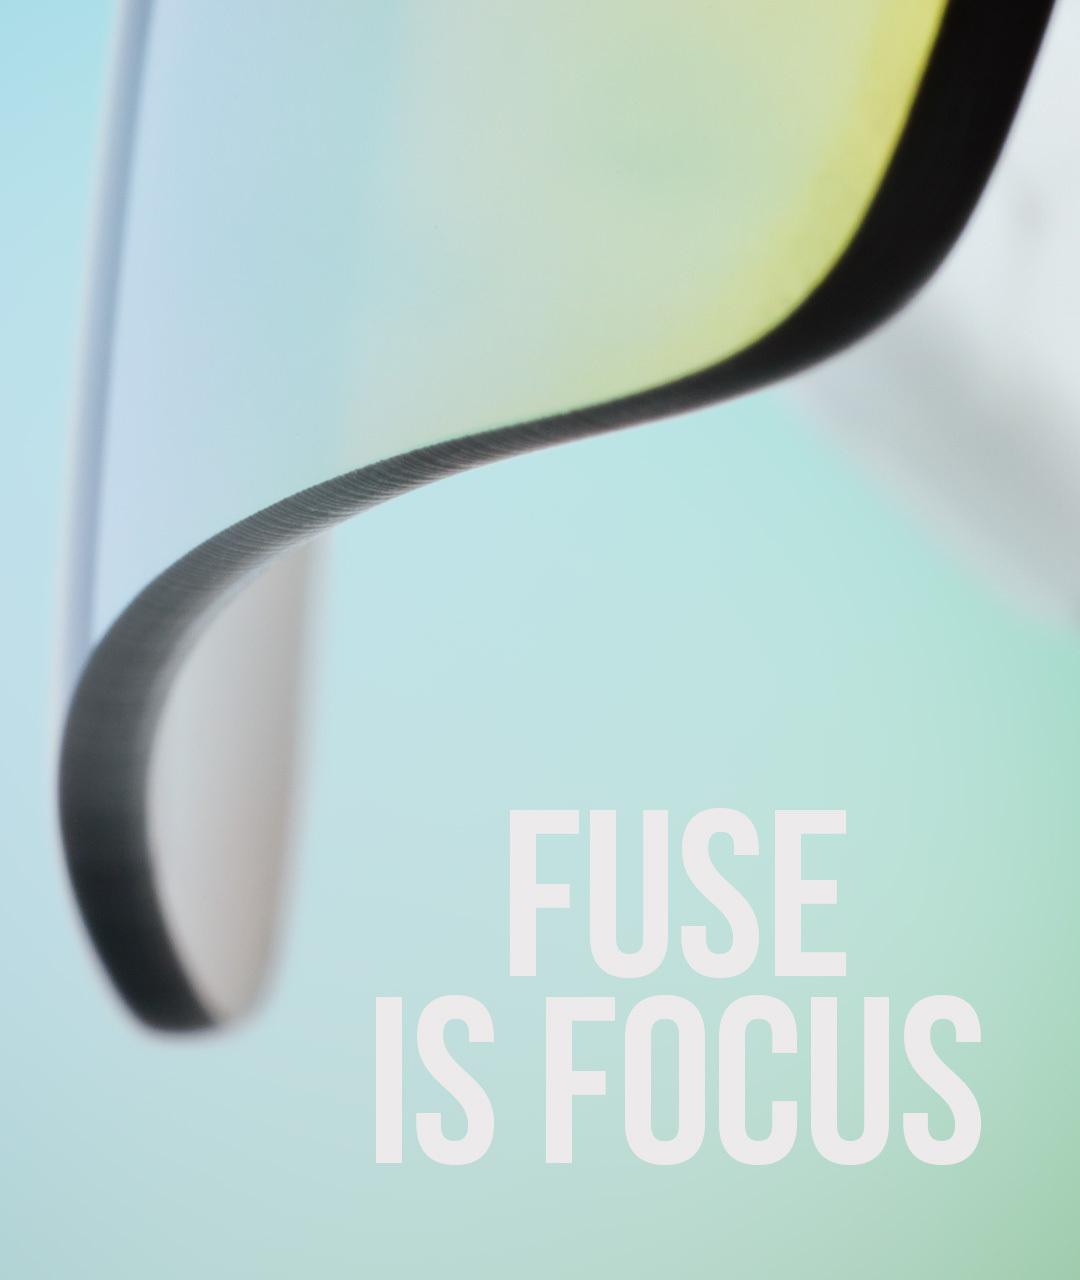 Fuse is Focus